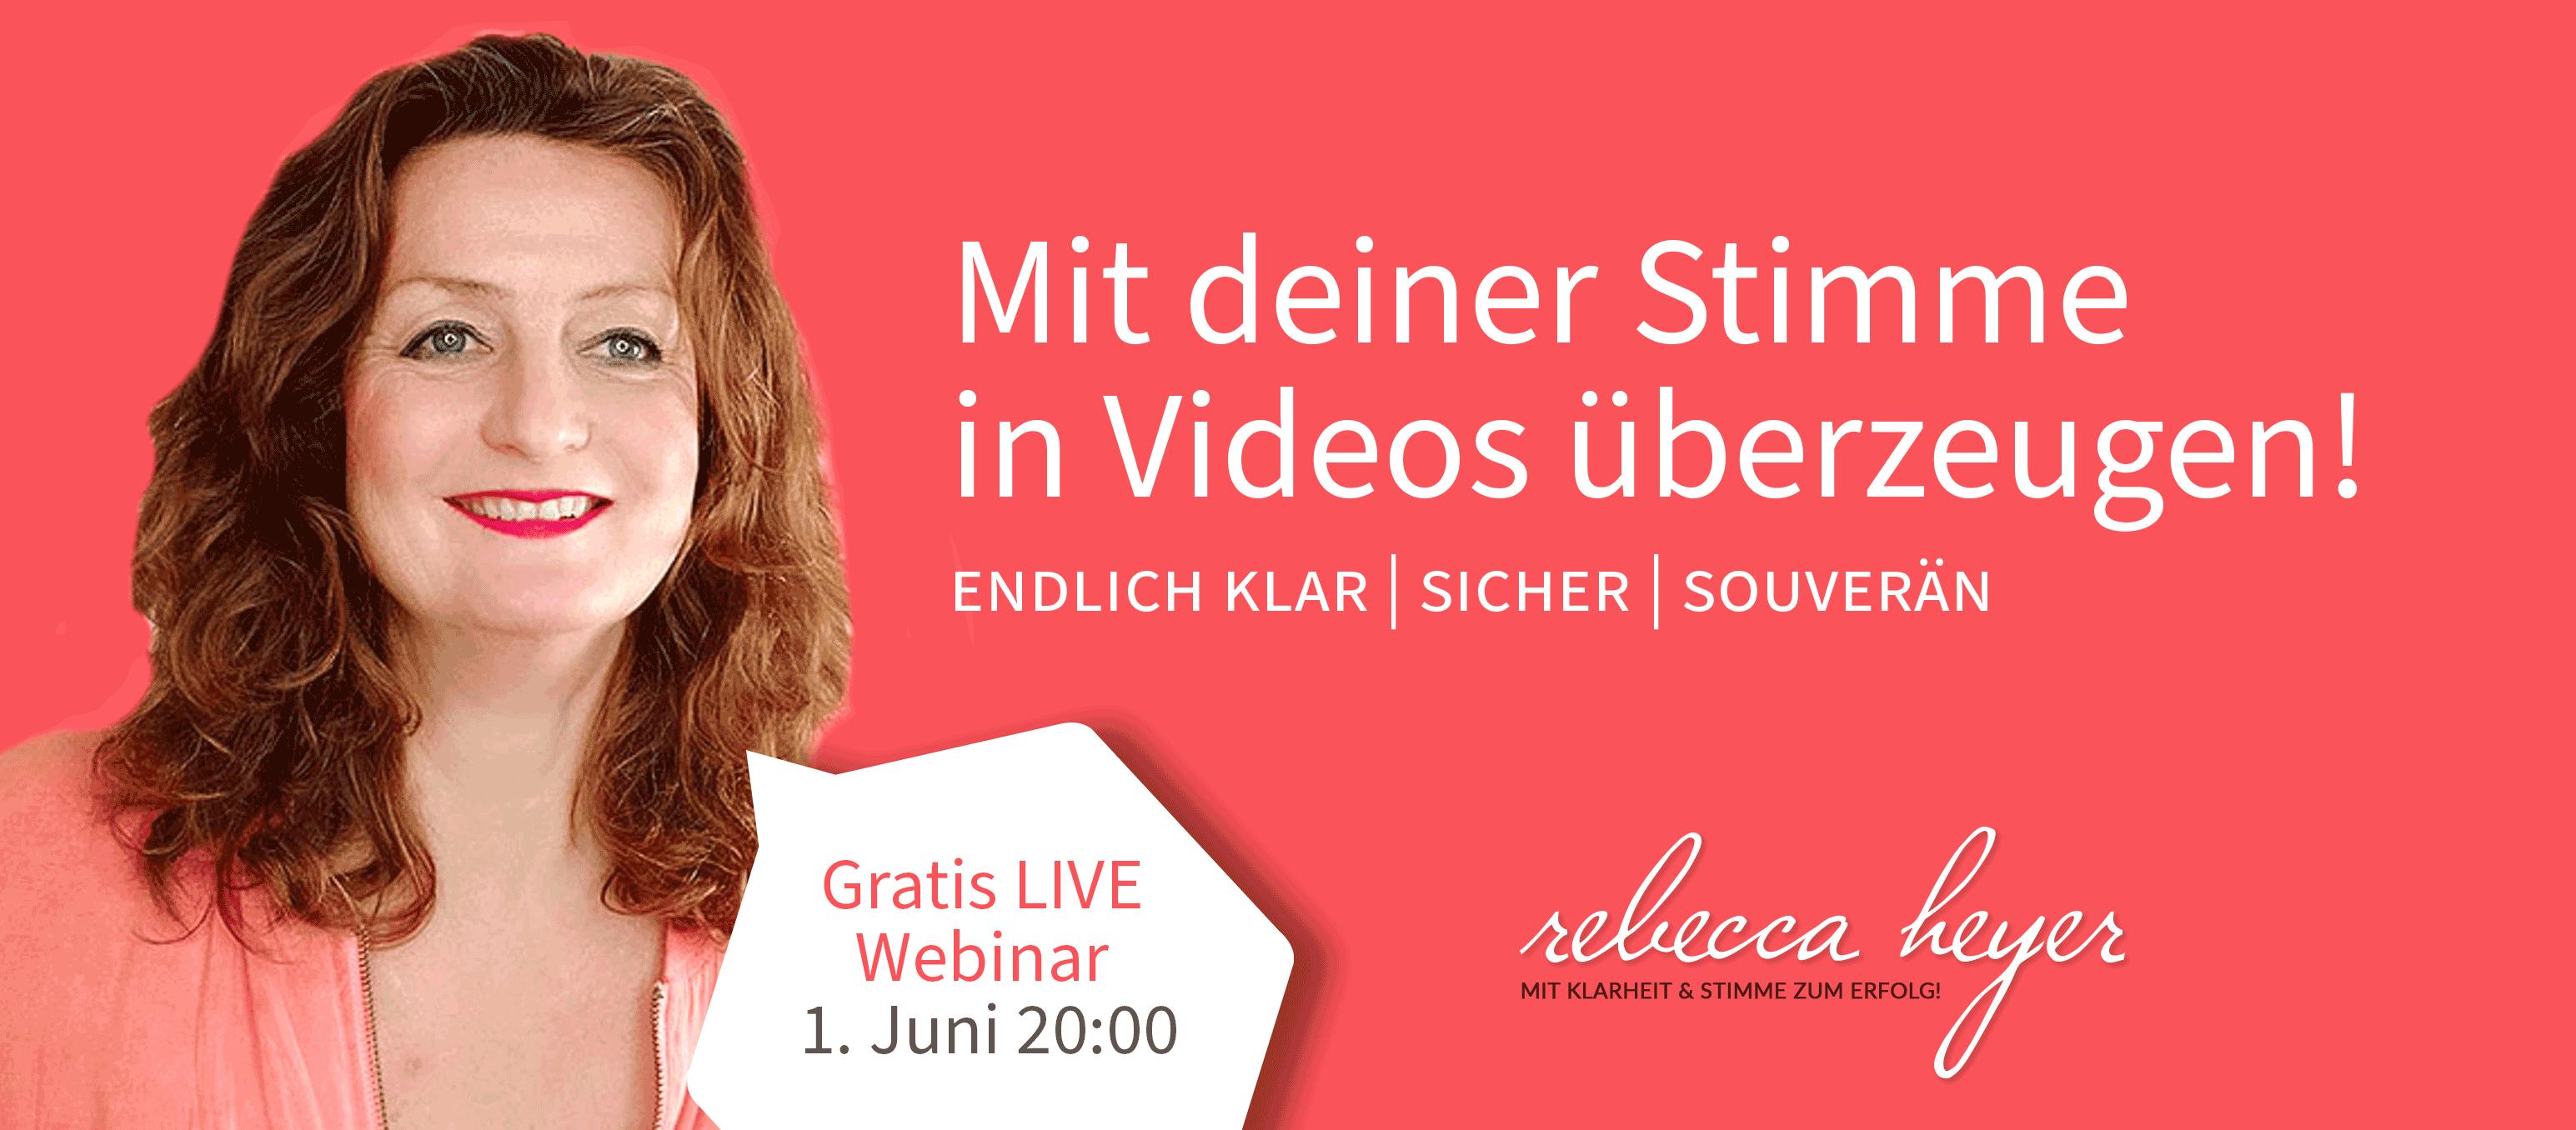 Rebecca Heyer - Mit Klarheit & Stimme zum Erfolg!